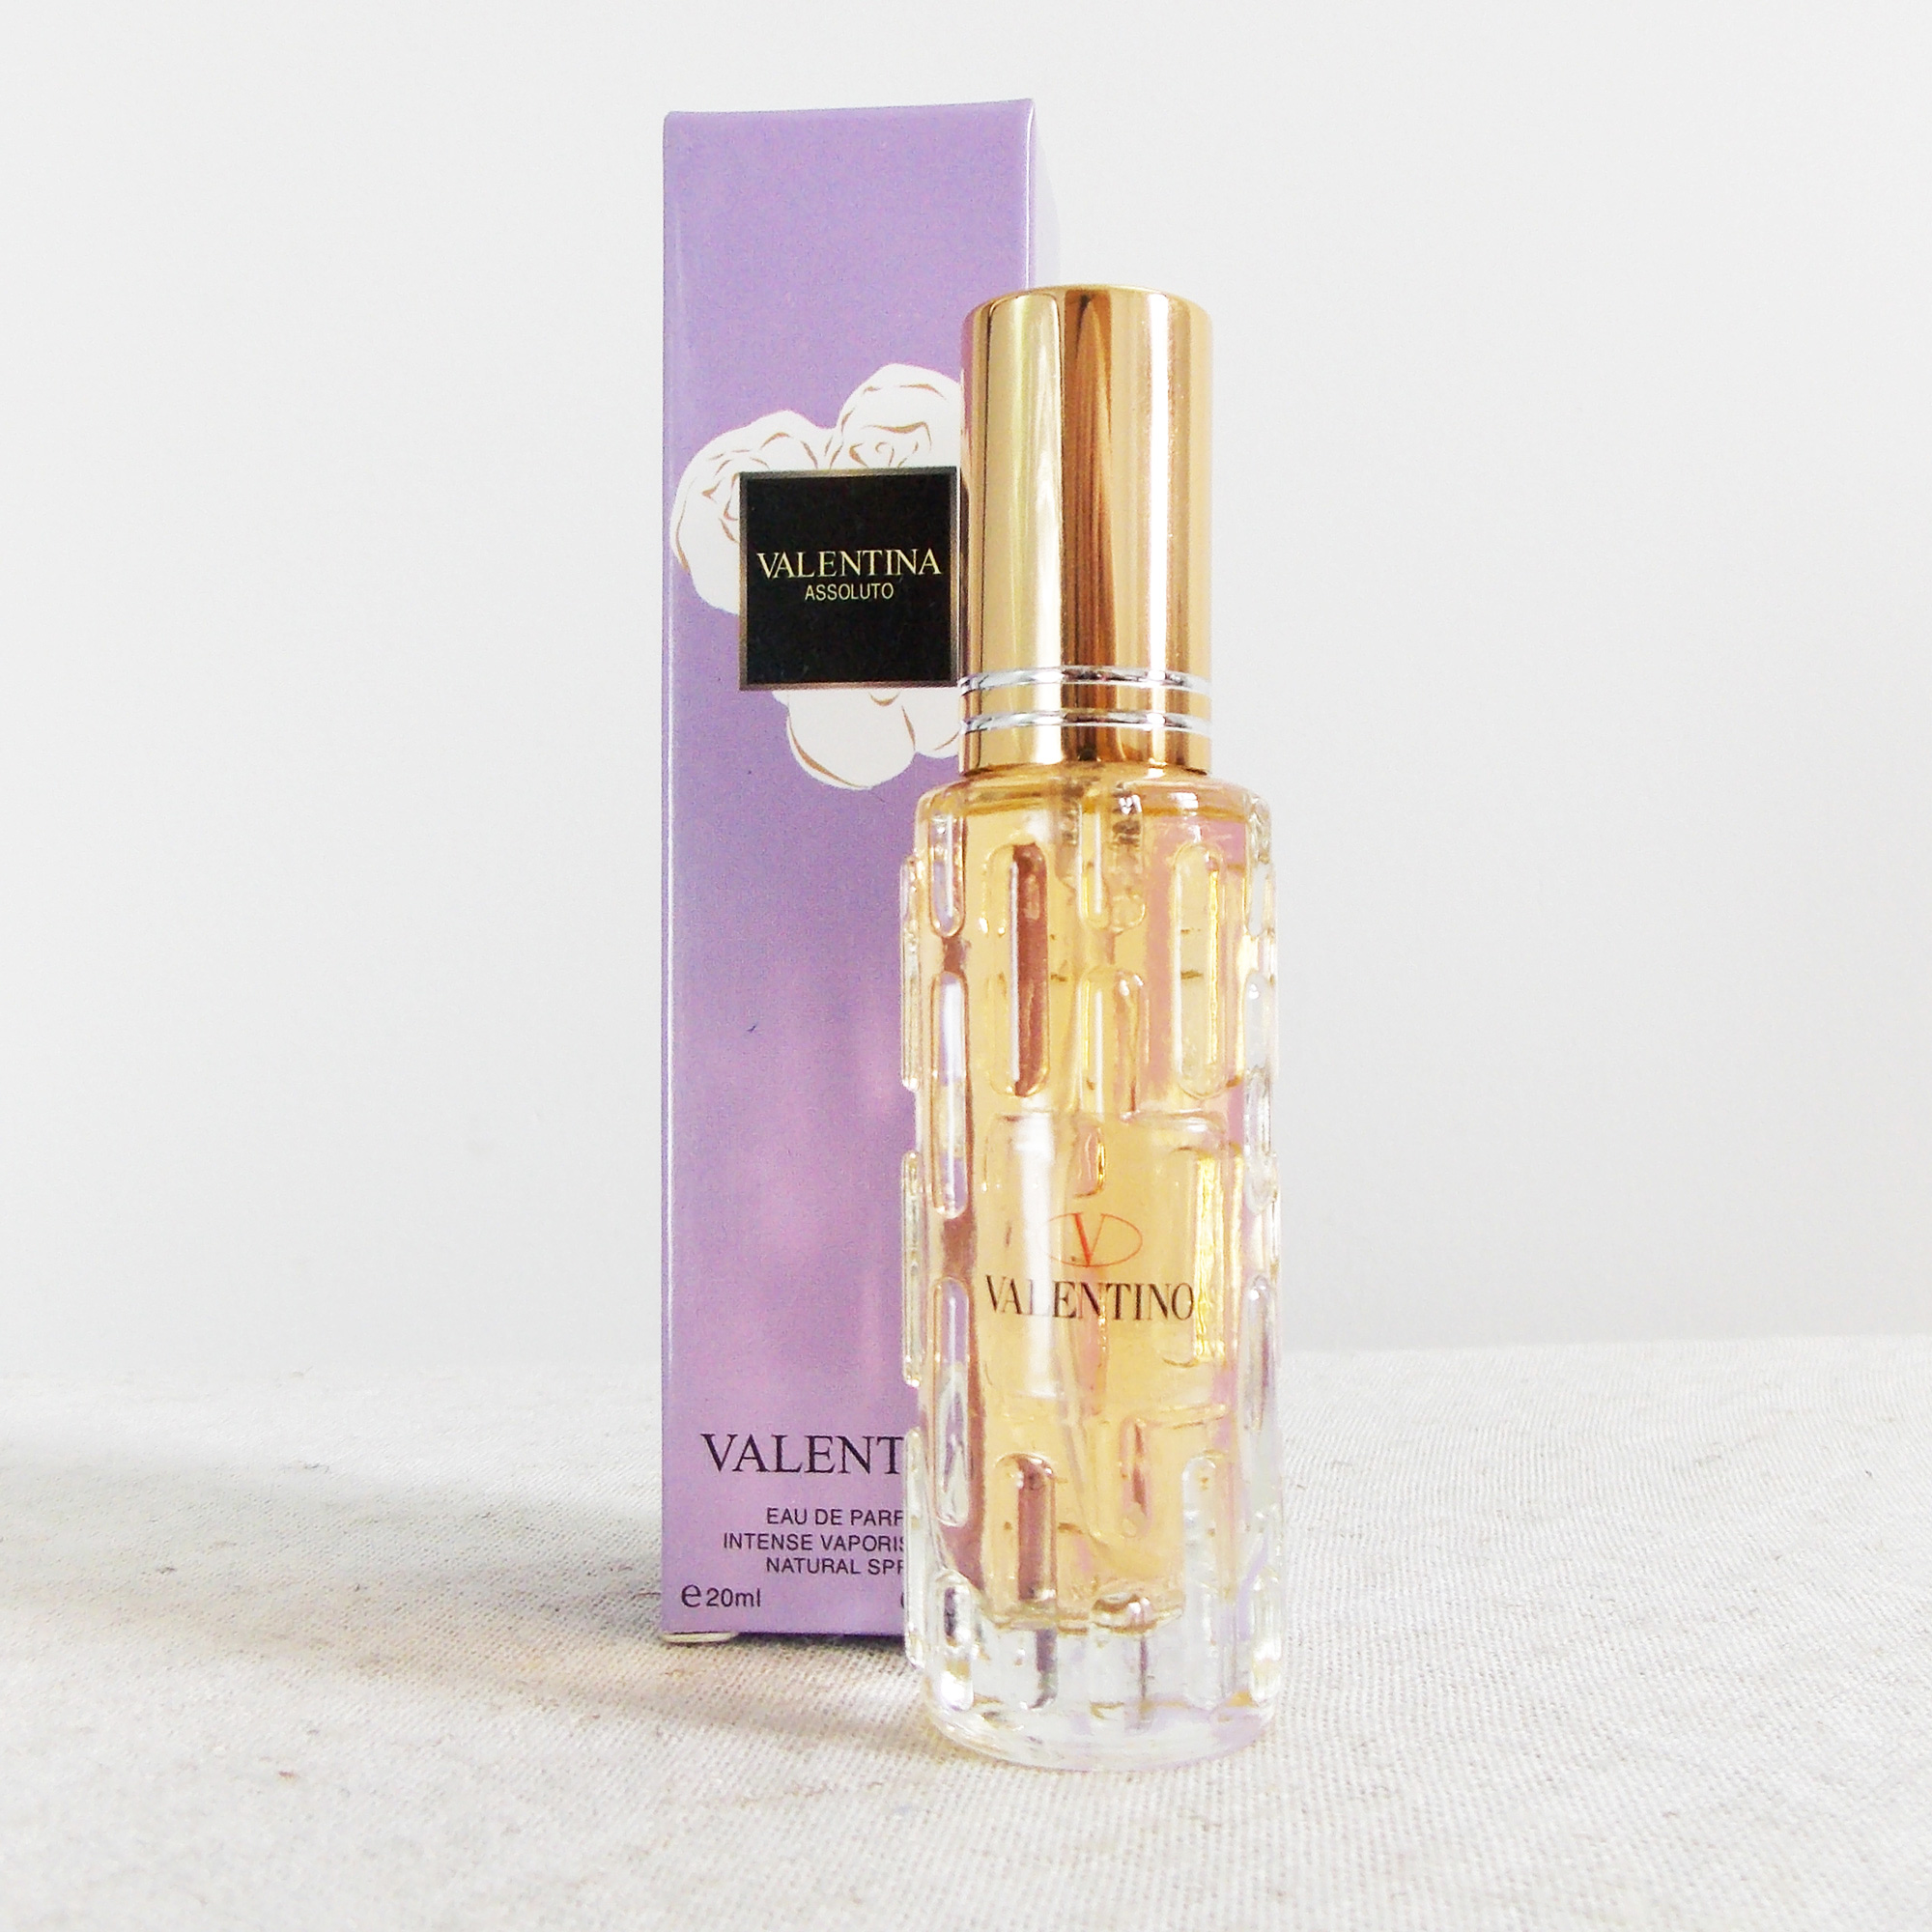 Nước hoa nữ Valentino Assoluto mùi thơm dịu nhẹ, dễ chịu